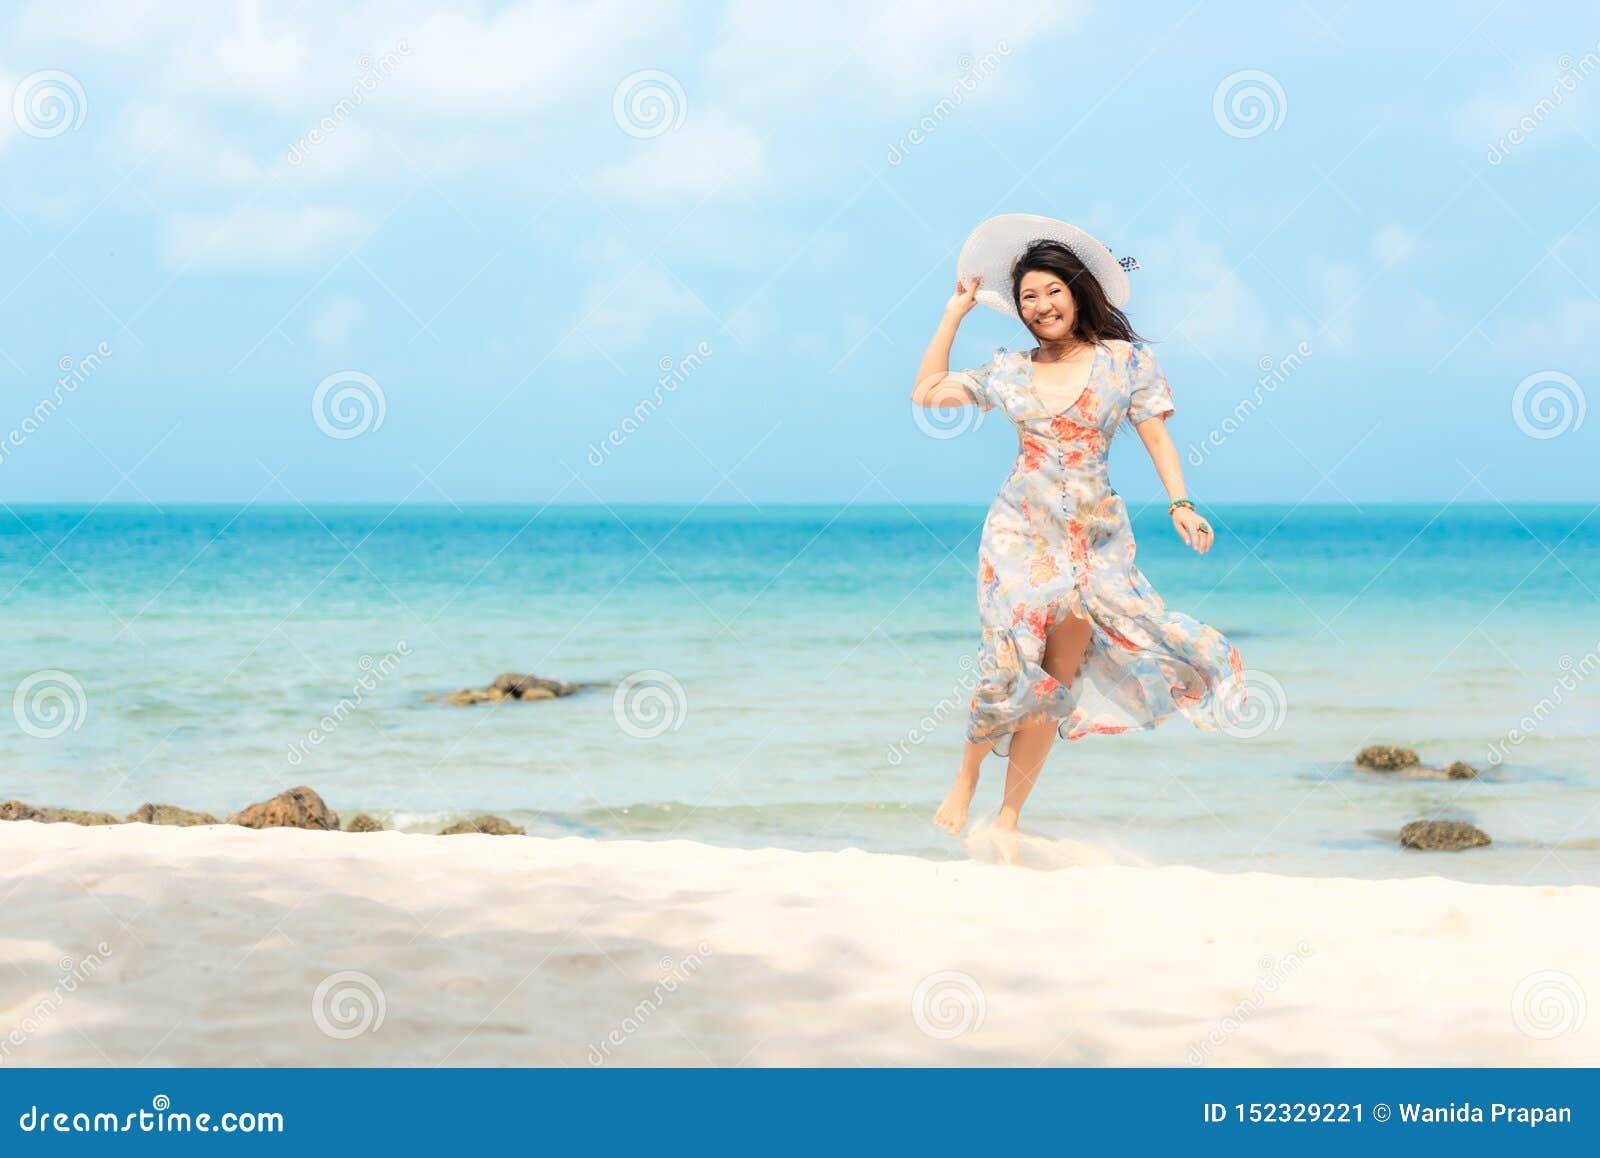 Vacances d ?t? Les voyages de port de sourire d été de mode de robe de femme asiatique de mode de vie détendent sur la plage arén